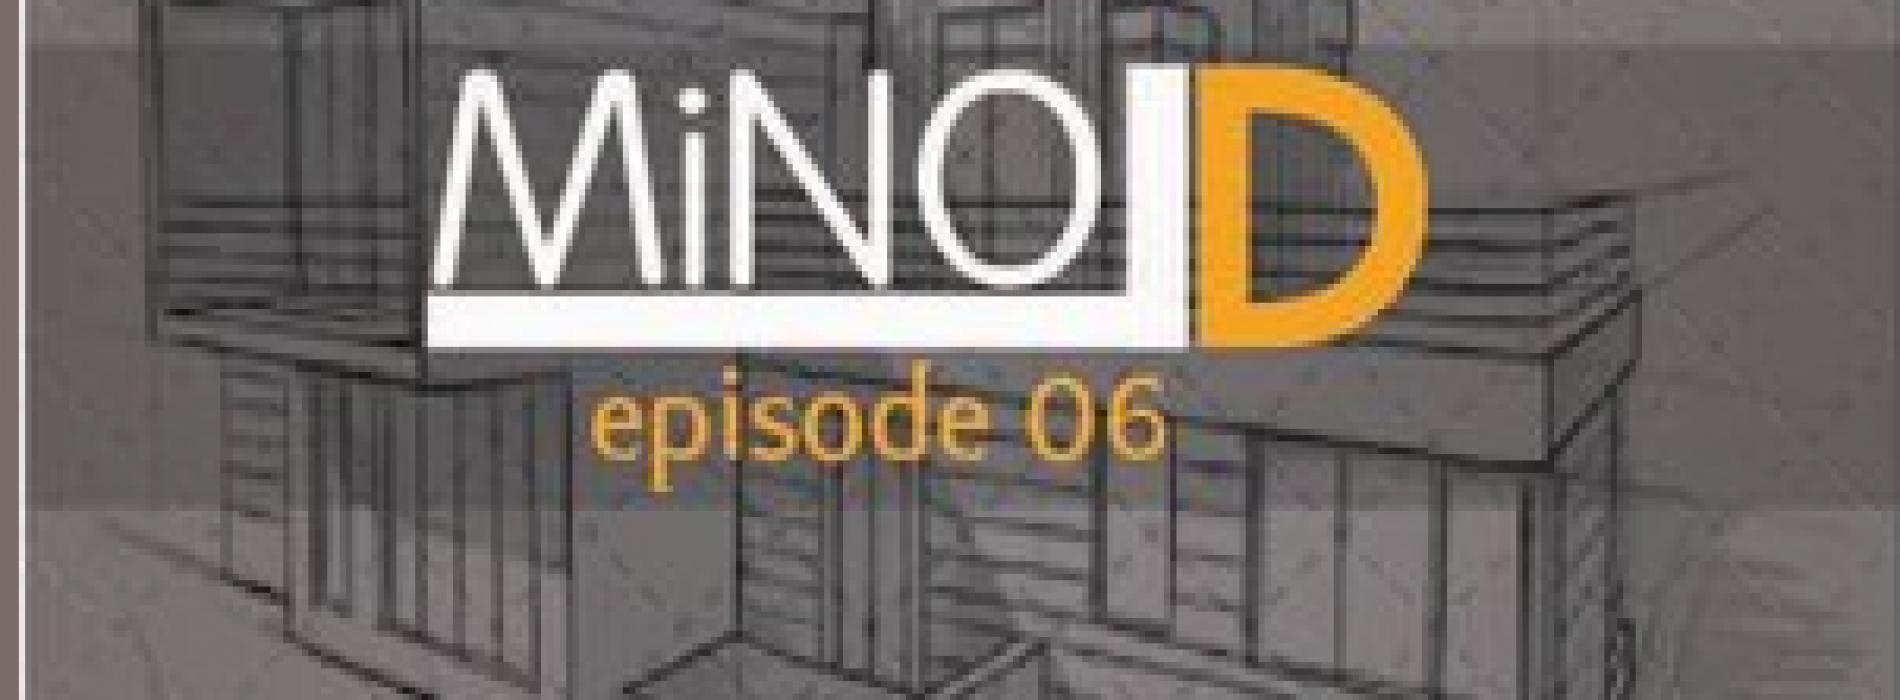 Minol D: Living Room – Episode 6